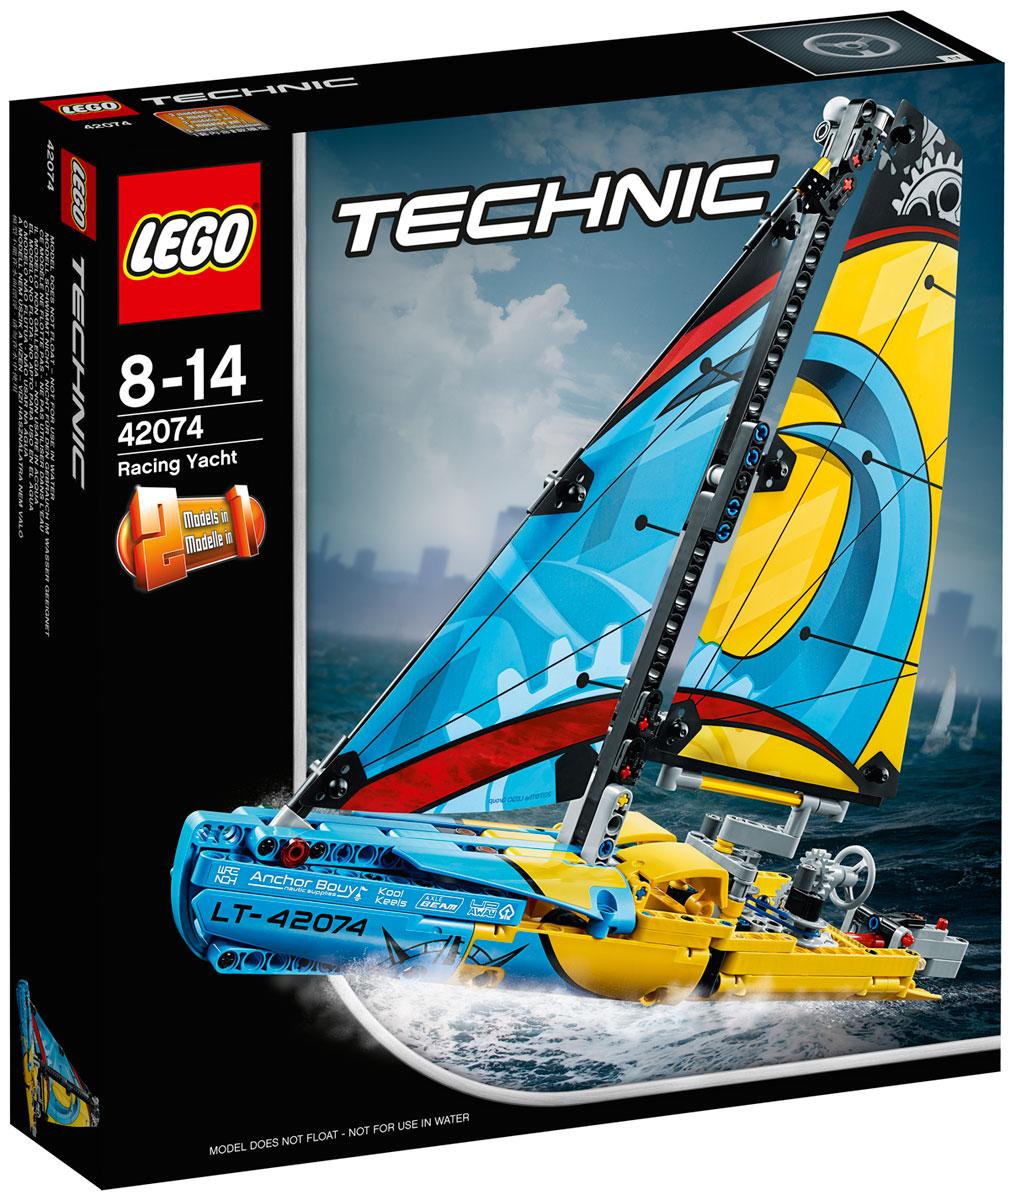 LEGO Technic 42074 Гоночная яхта Конструктор42074Первым пересеки финишную черту на этой восхитительной гоночной яхте. Эта детально проработанная модель яхты LEGO Technic 2 в 1 выполнена в спортивной желто-синей цветовой гамме с красивым печатным рисунком на парусах, лебедками и детально проработанным корпусом. Используй лебедки, чтобы поворачивать паруса и укрощать ветер, управляй пером руля с помощью колеса или штурвала и будь готов к высоким скоростям! Перестрой модель в великолепный Катамаран с множеством реалистичных деталей.